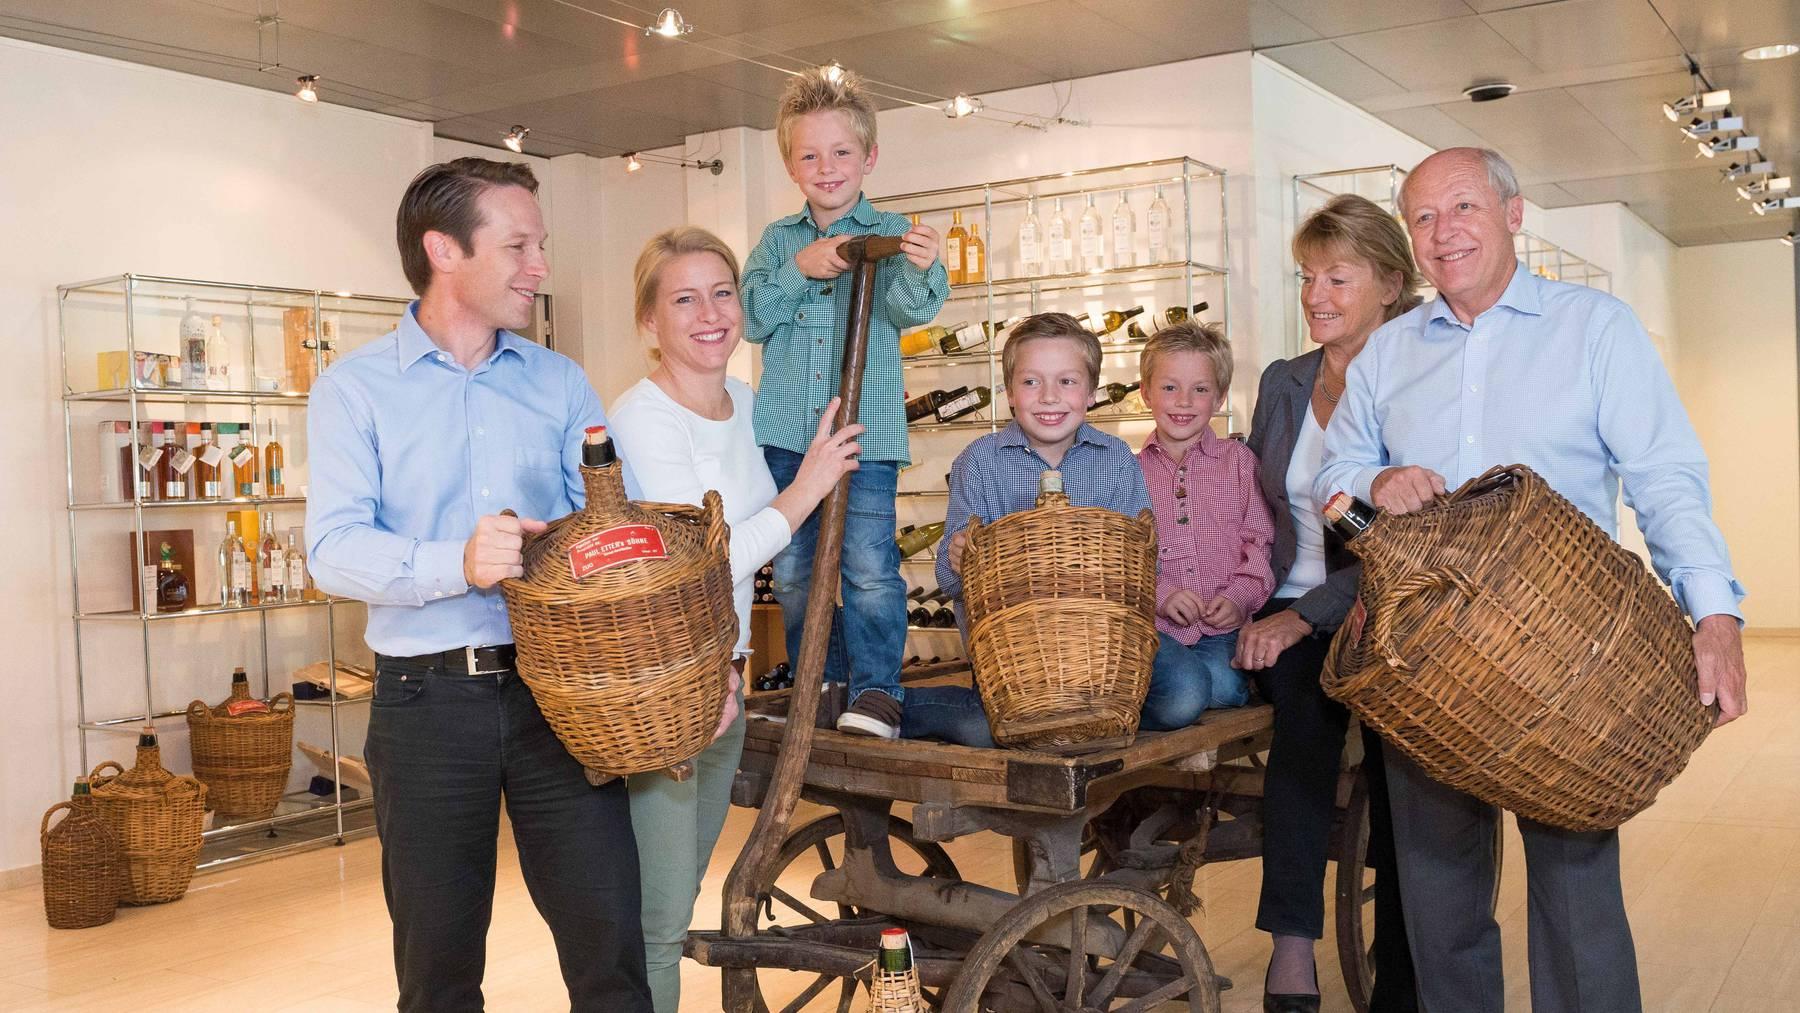 Drei Generationen Etter auf einem Bild: Geschäftsleiter Gabriel und Eveline Galliker-Etter (von links) mit ihren Söhnen sowie Verwaltungsratspräsident Hans Etter und seine Frau.